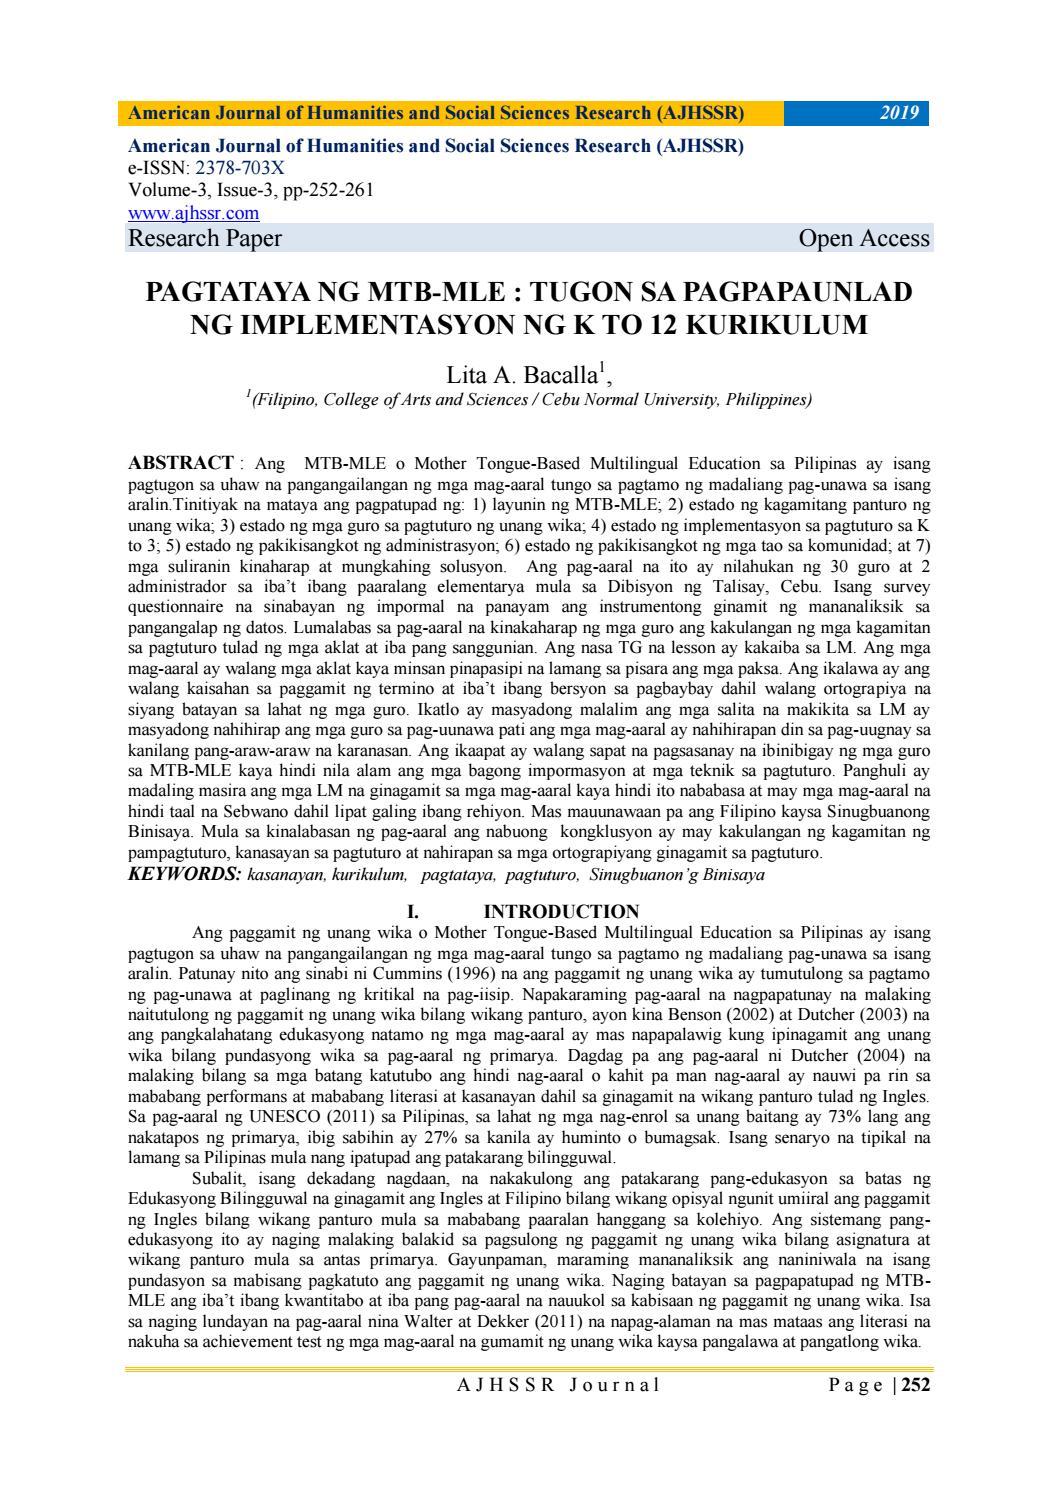 PAGTATAYA NG MTB-MLE : TUGON SA PAGPAPAUNLAD NG